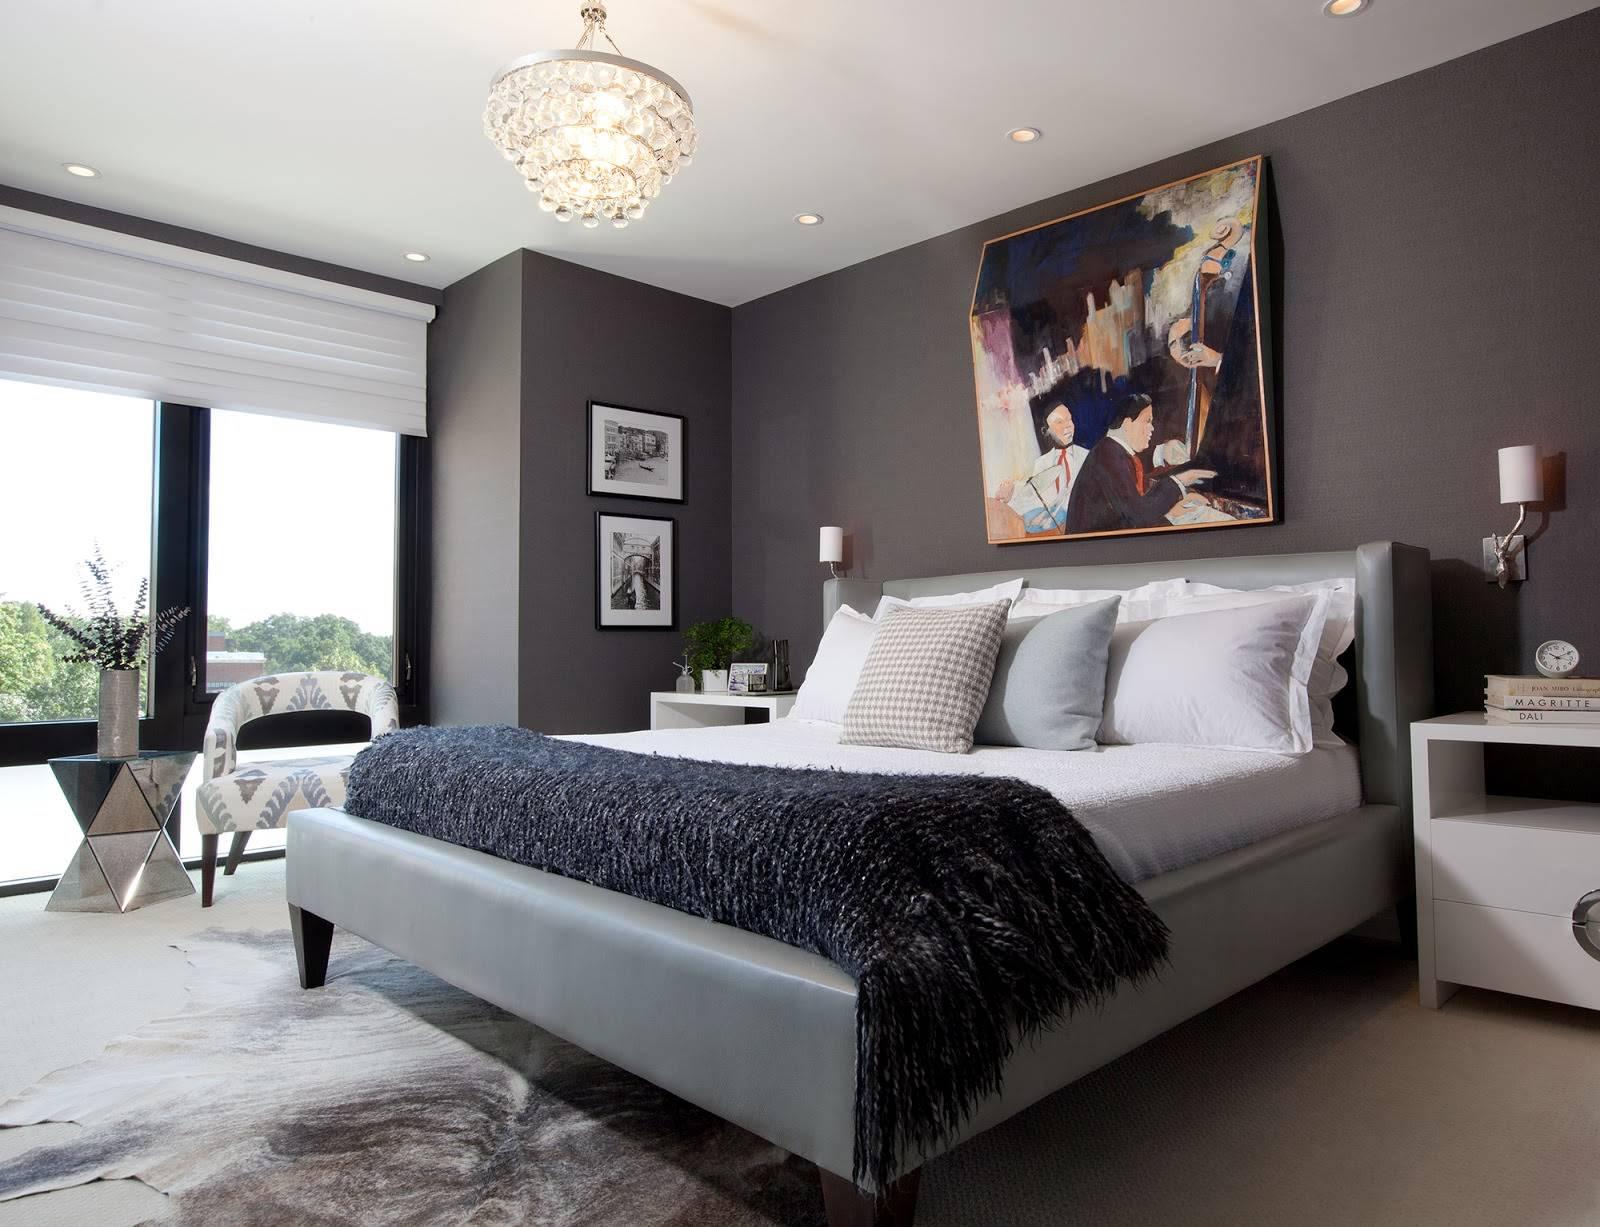 Стены в спальне - 100 фото уютного дизайна. инструкция по оформлению стен в современном стиле